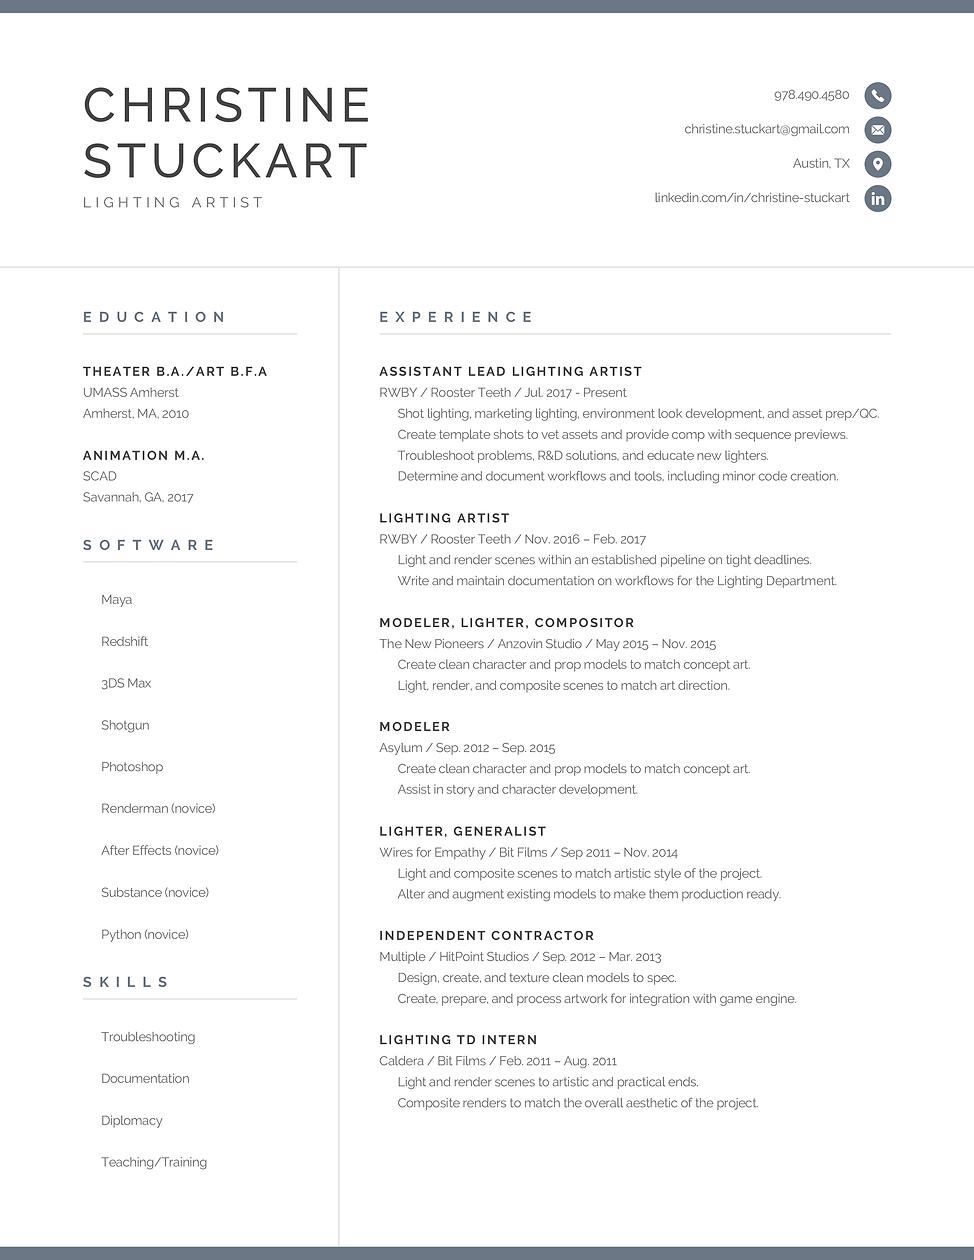 Stuckart_Resume.png